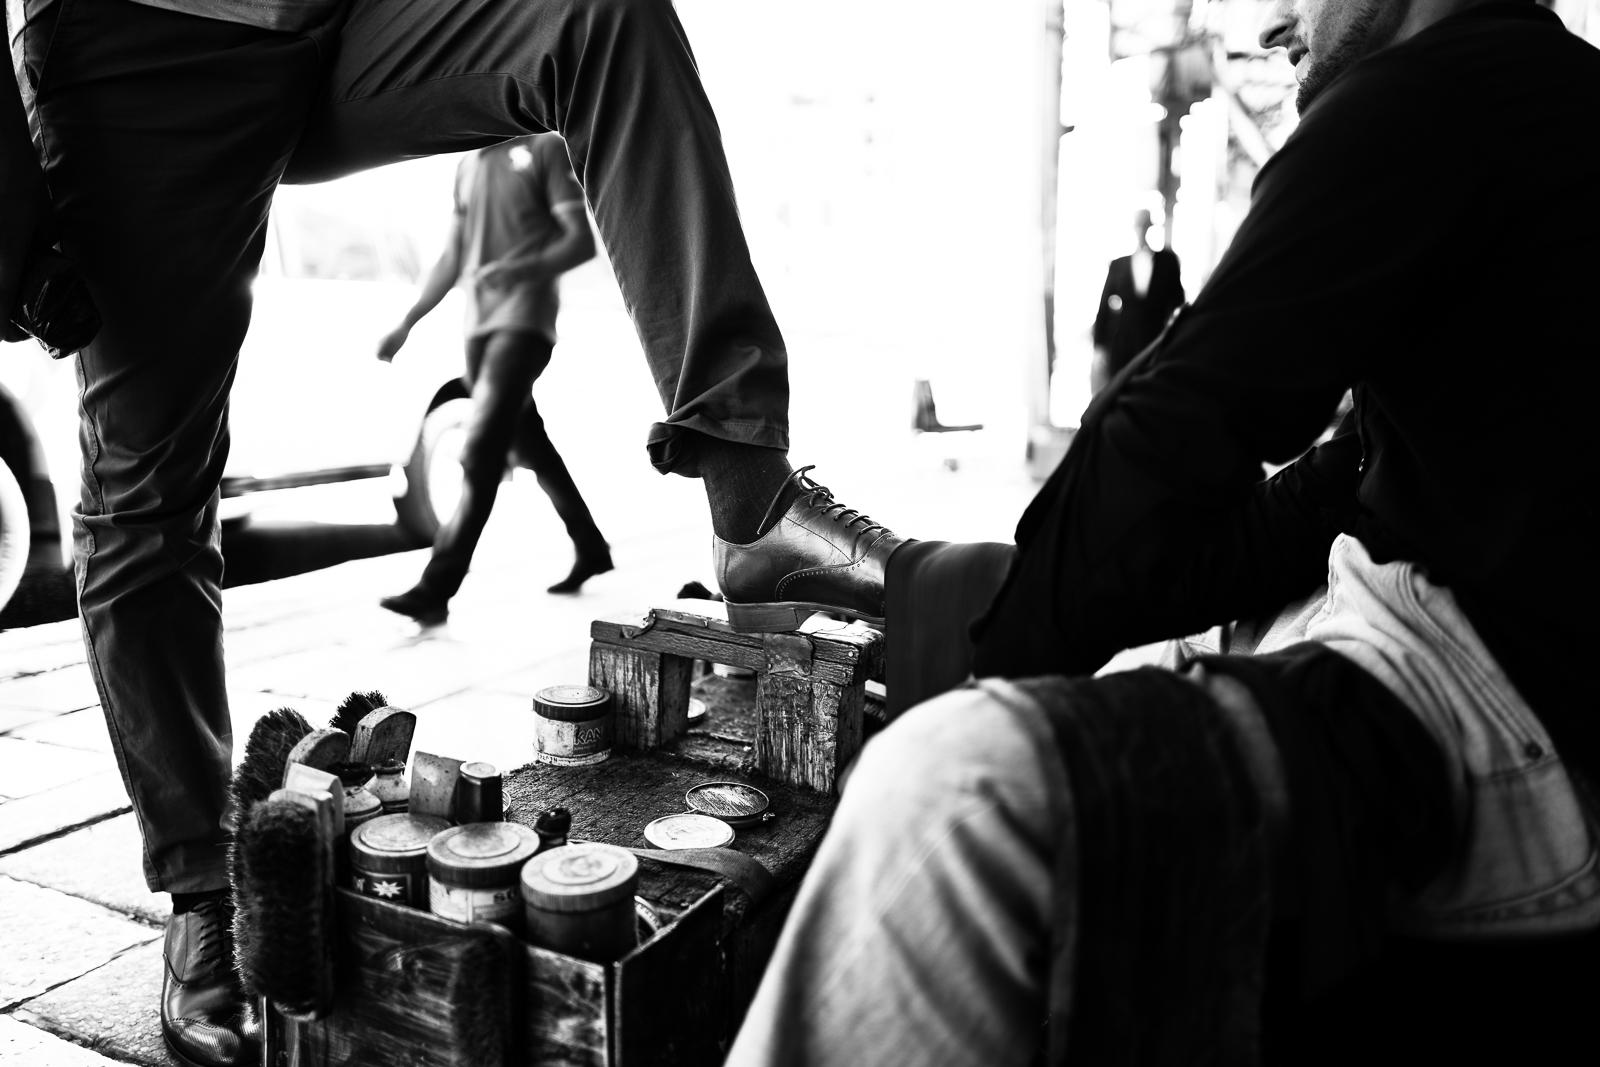 A shoeshine in Dahuok, Iraq